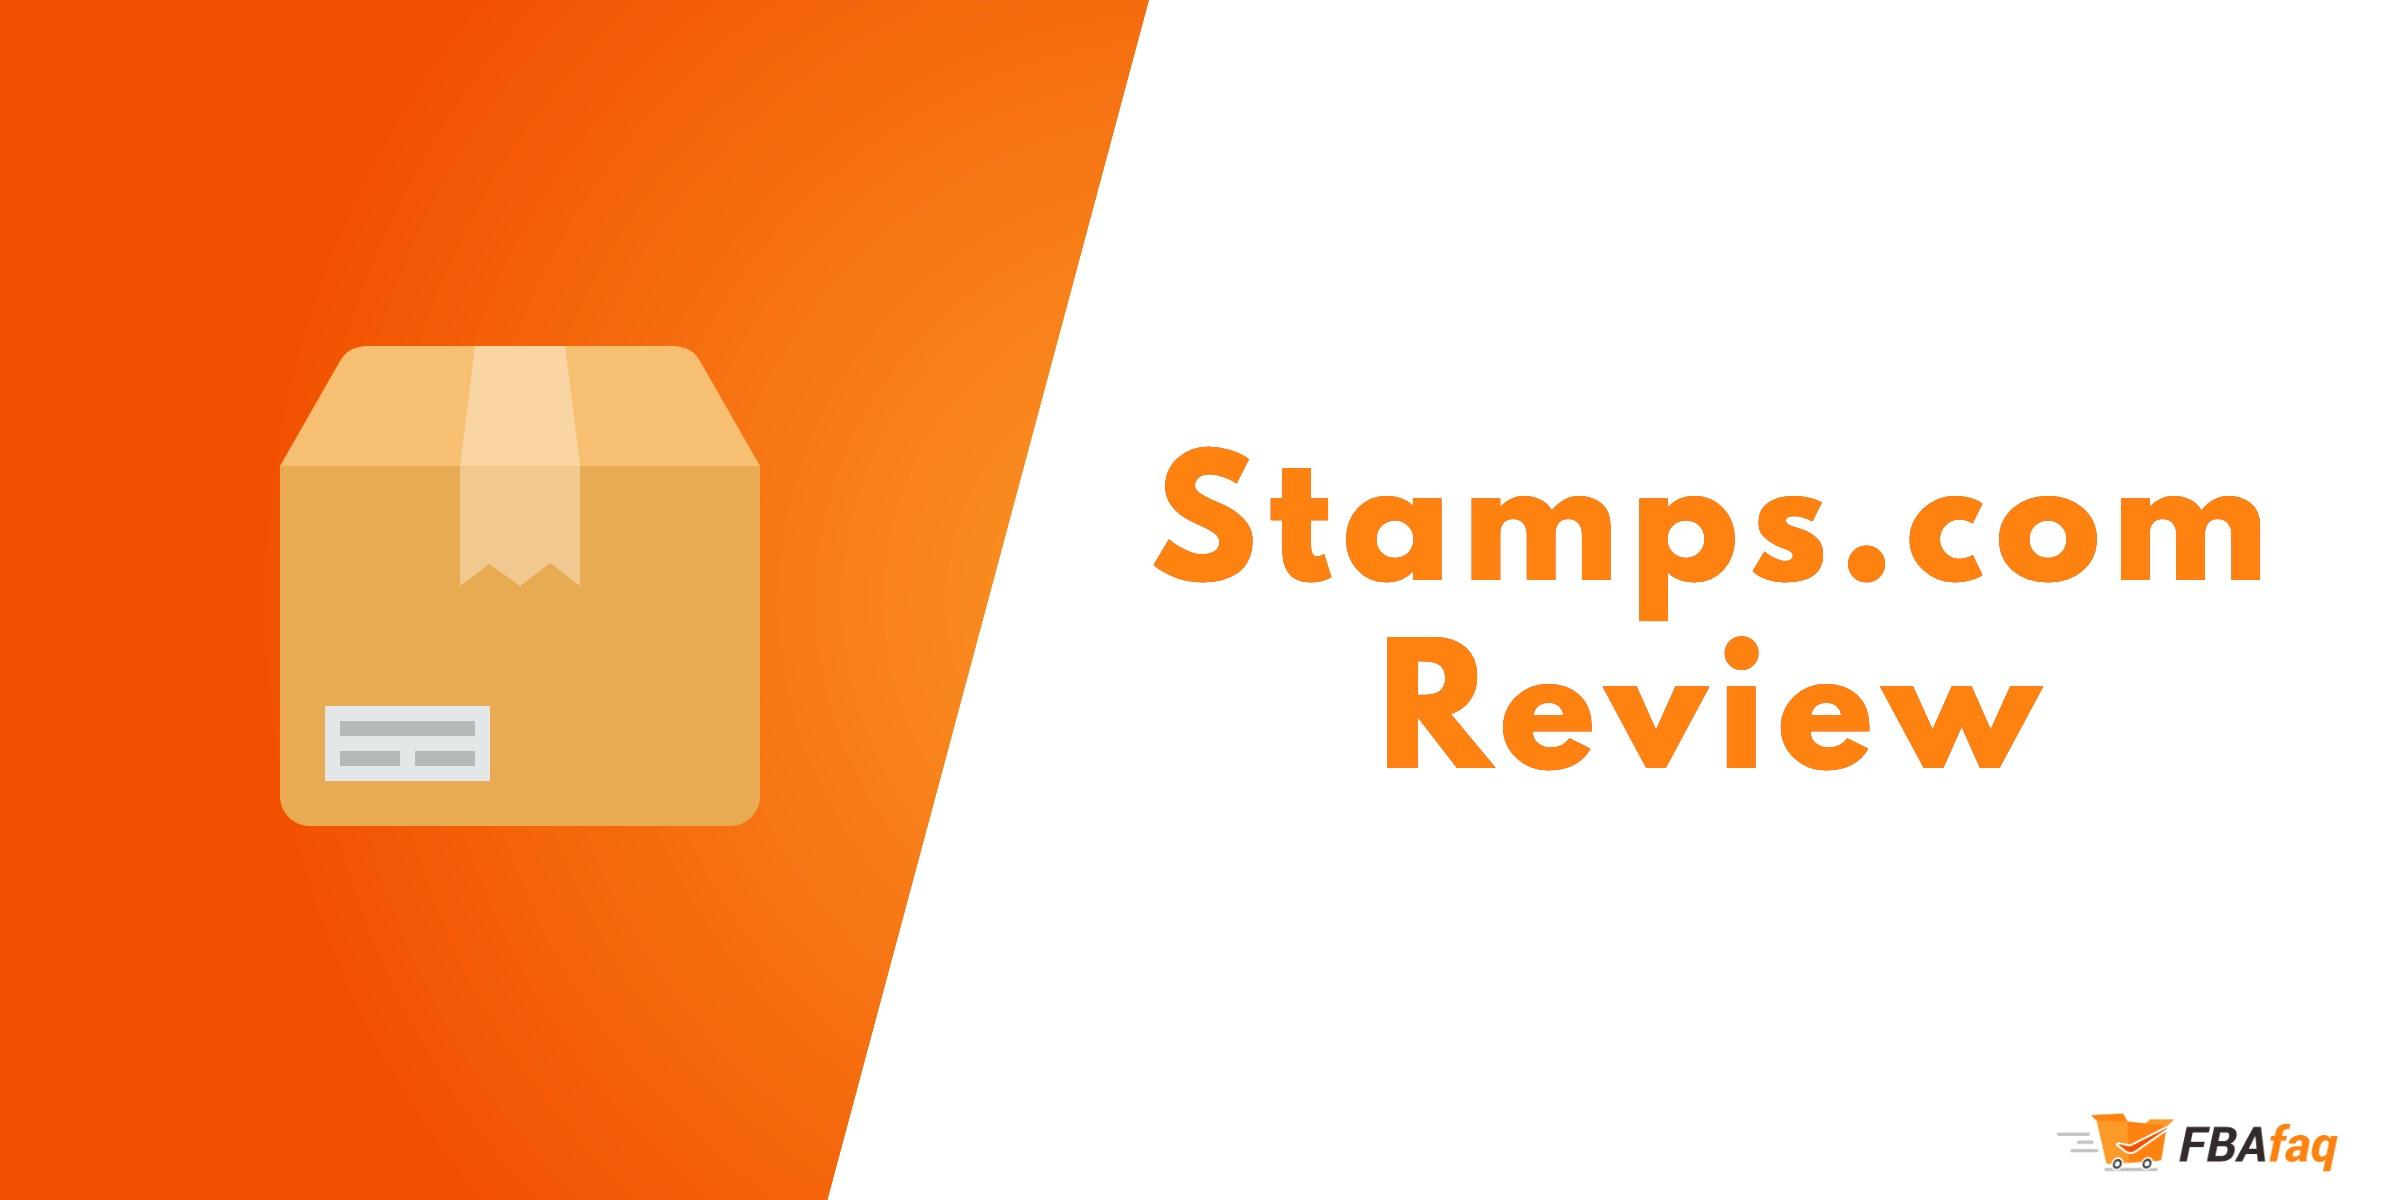 stamps.com review